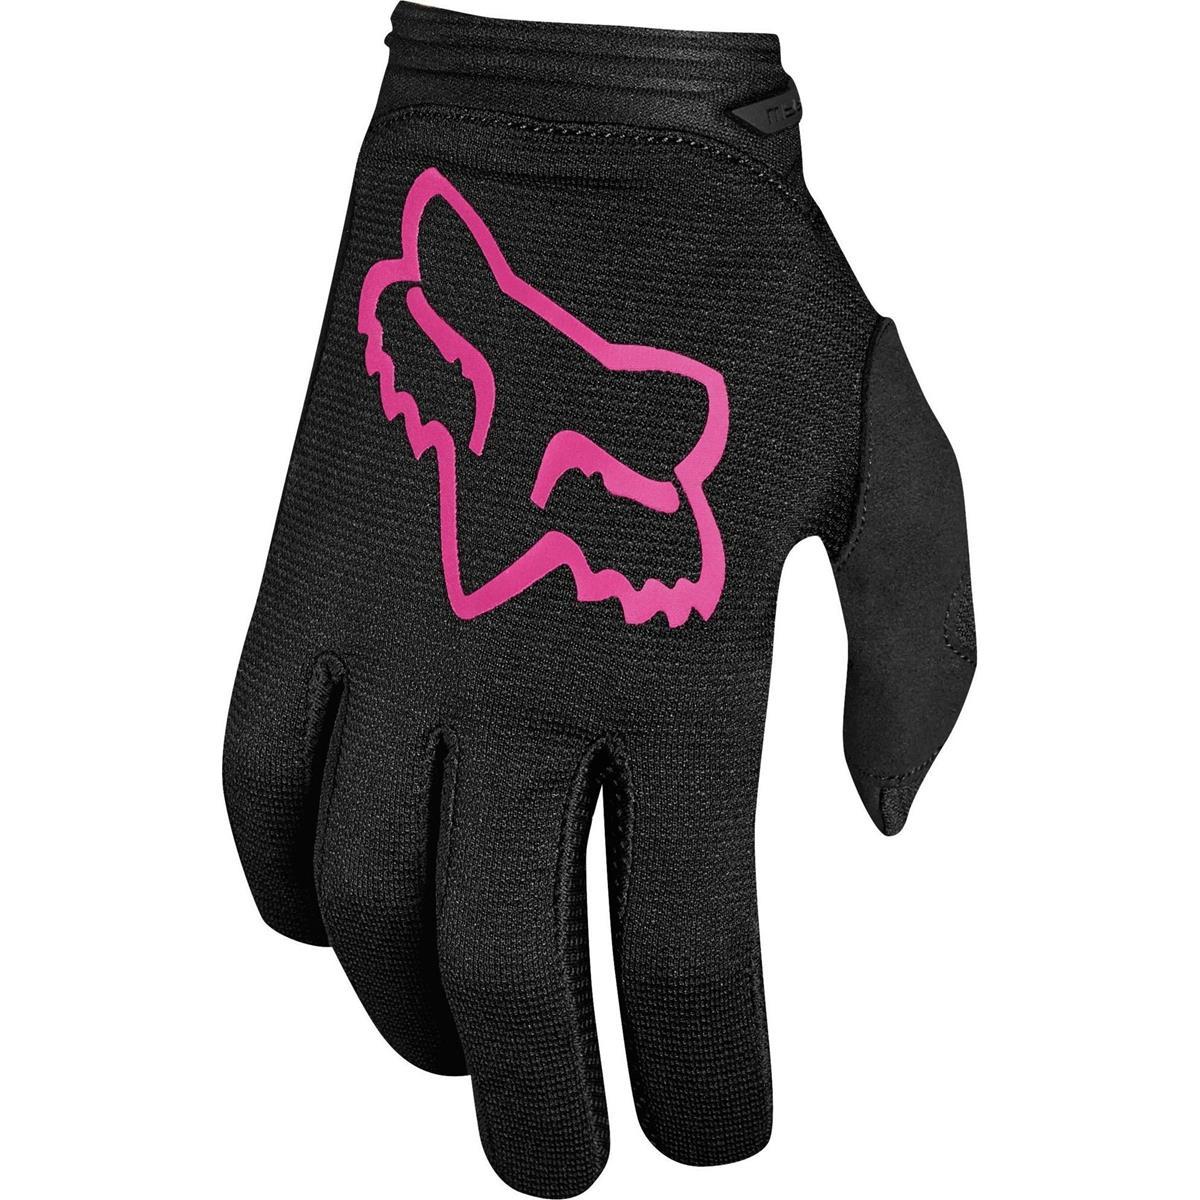 Fox Kids Girls Handschuhe Dirtpaw Mata Schwarz/Pink